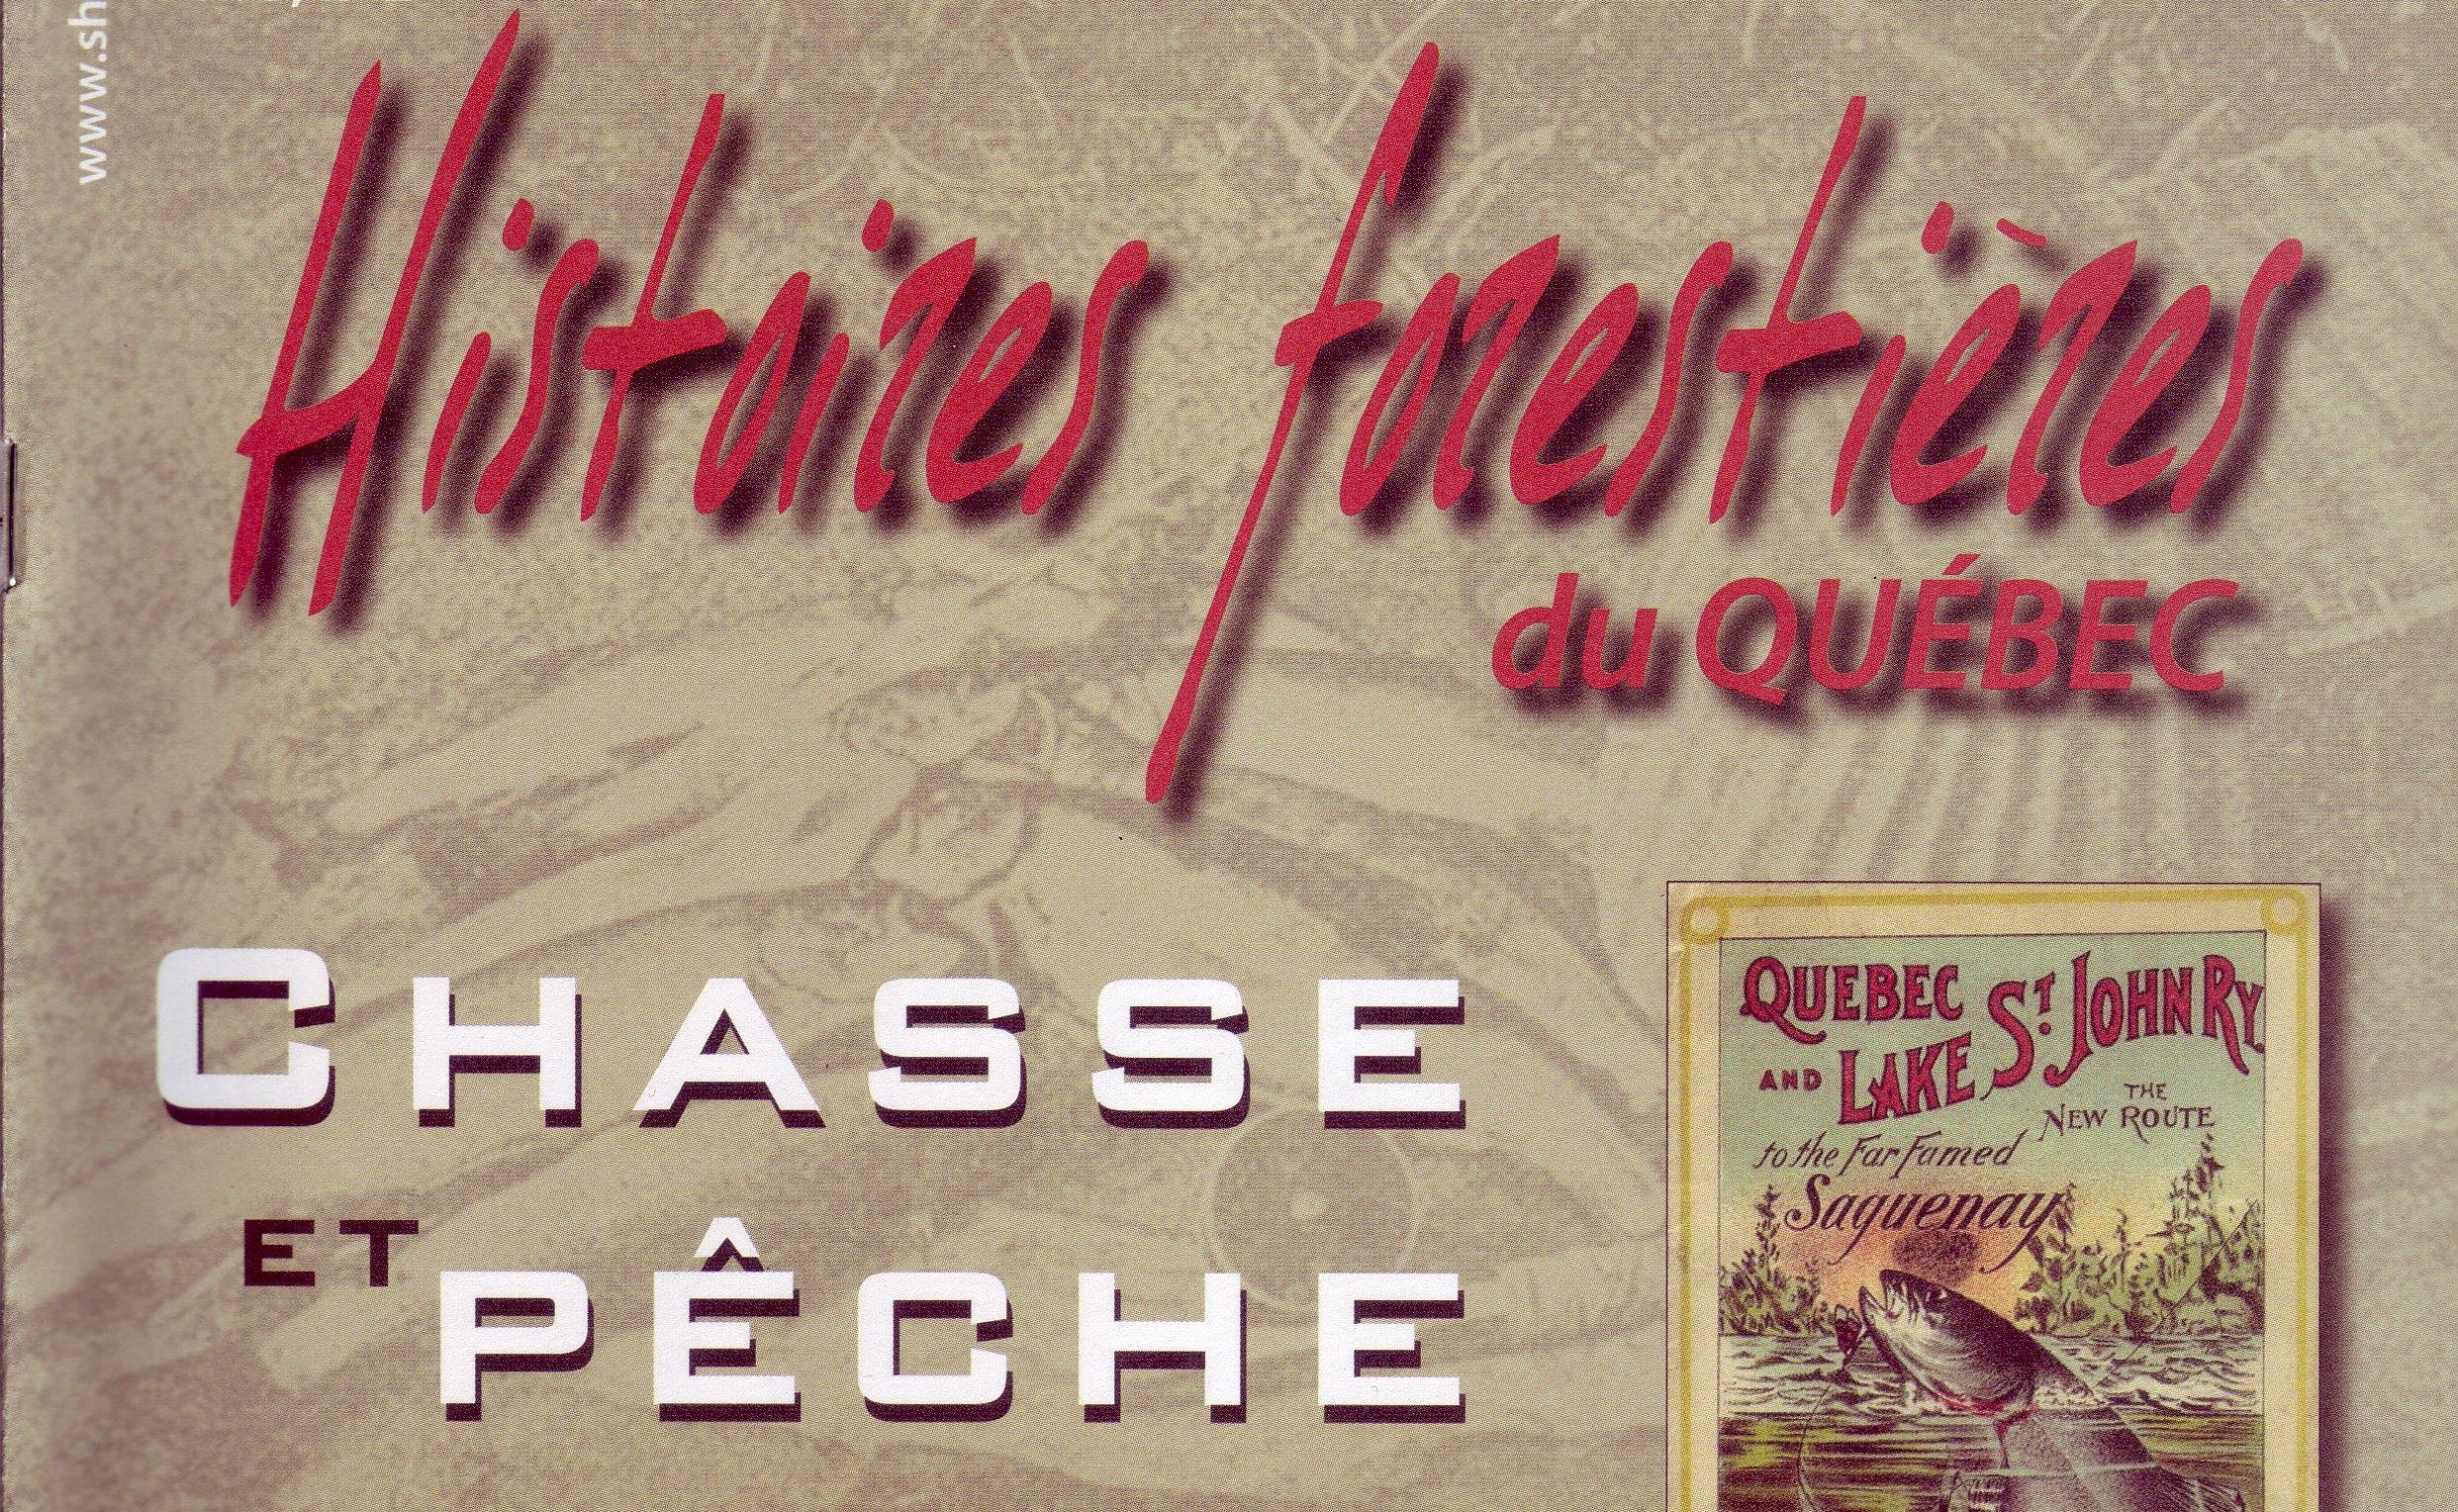 Couverture de la revue Chasse et pêche. Revue d'histoire forestière, vol. 5, no 2, automne 2013.